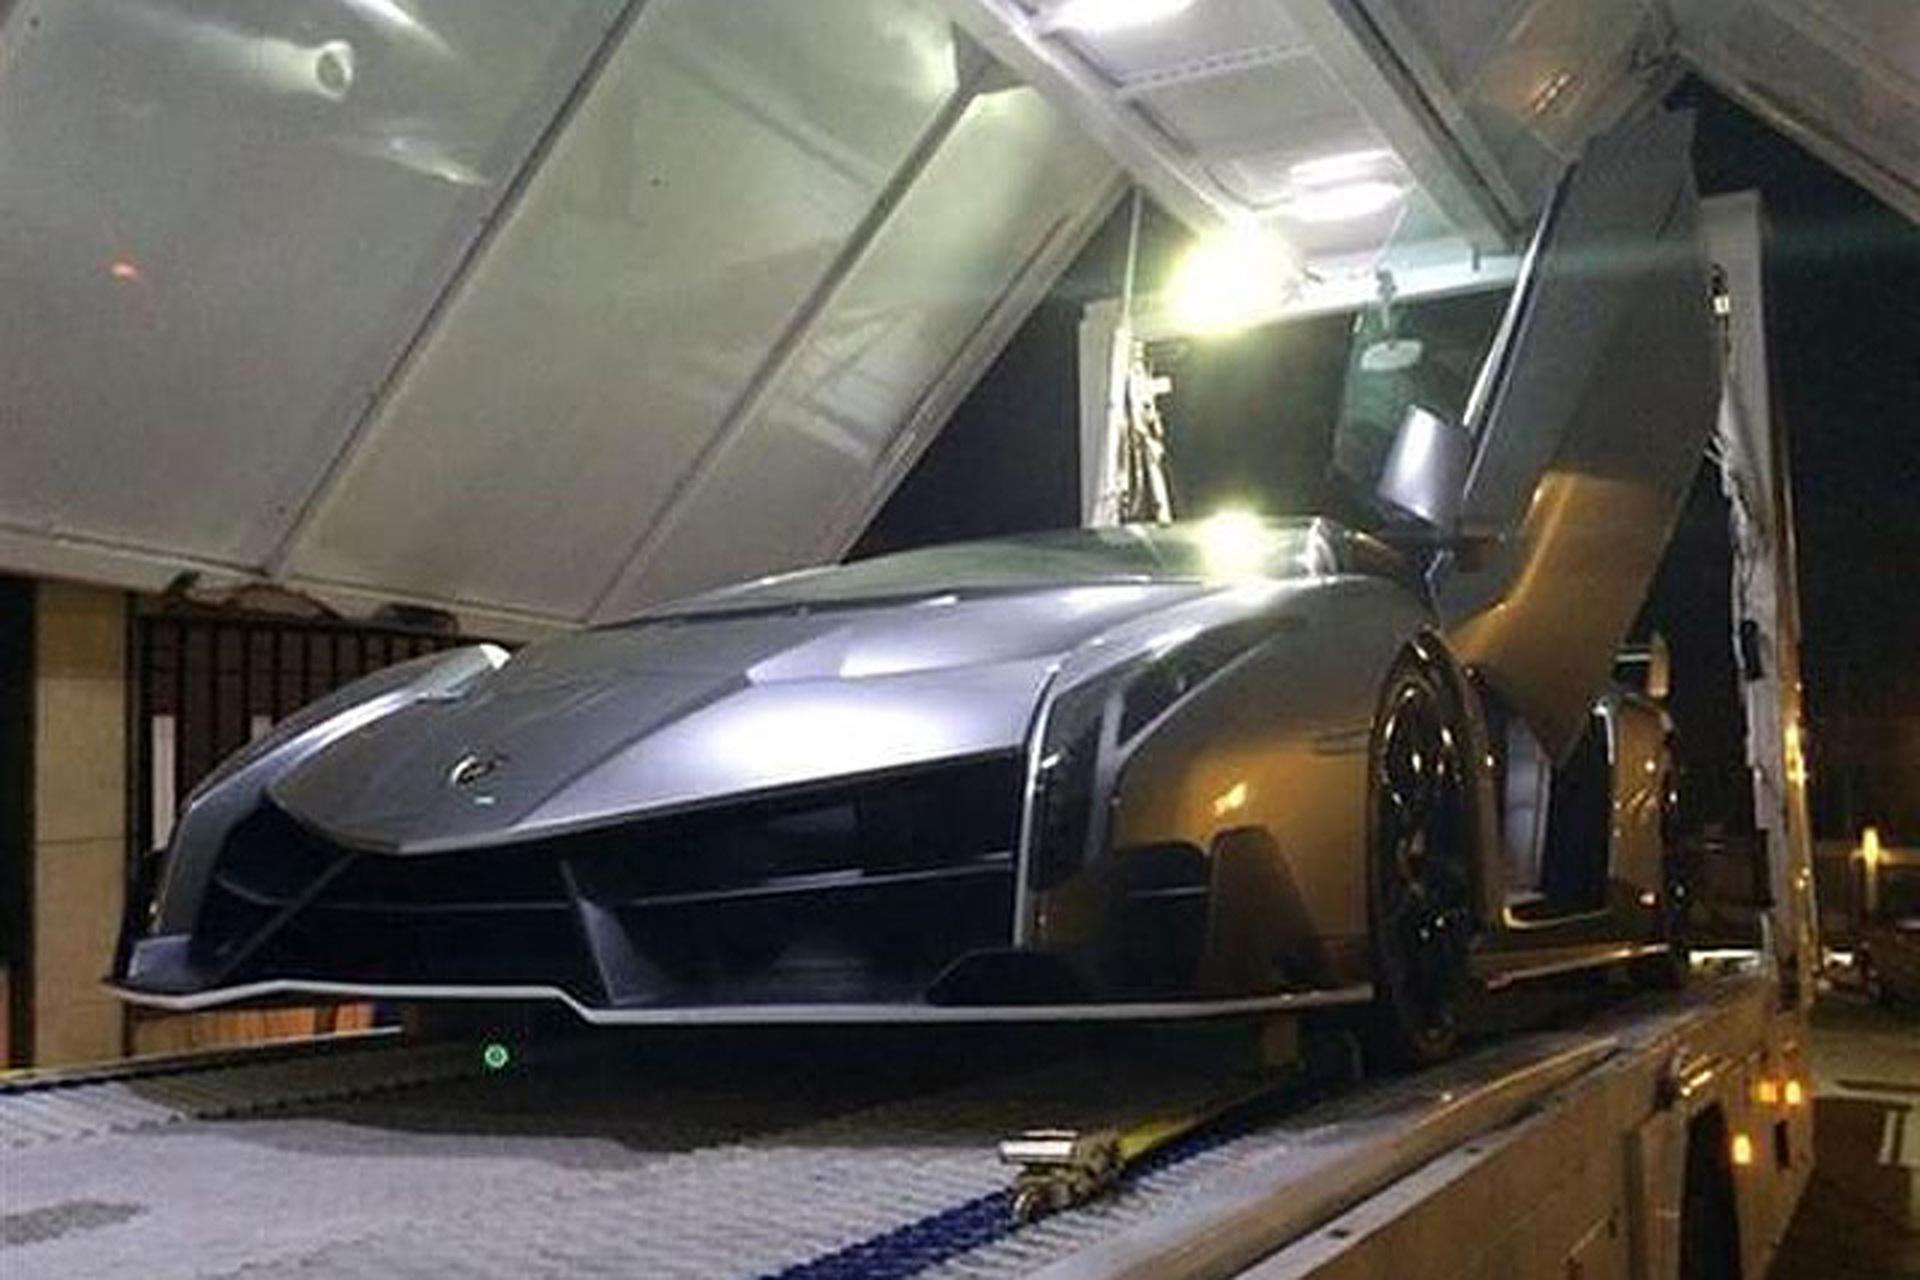 A Rare Lamborghini Veneno is Up for Sale Only $11 Million